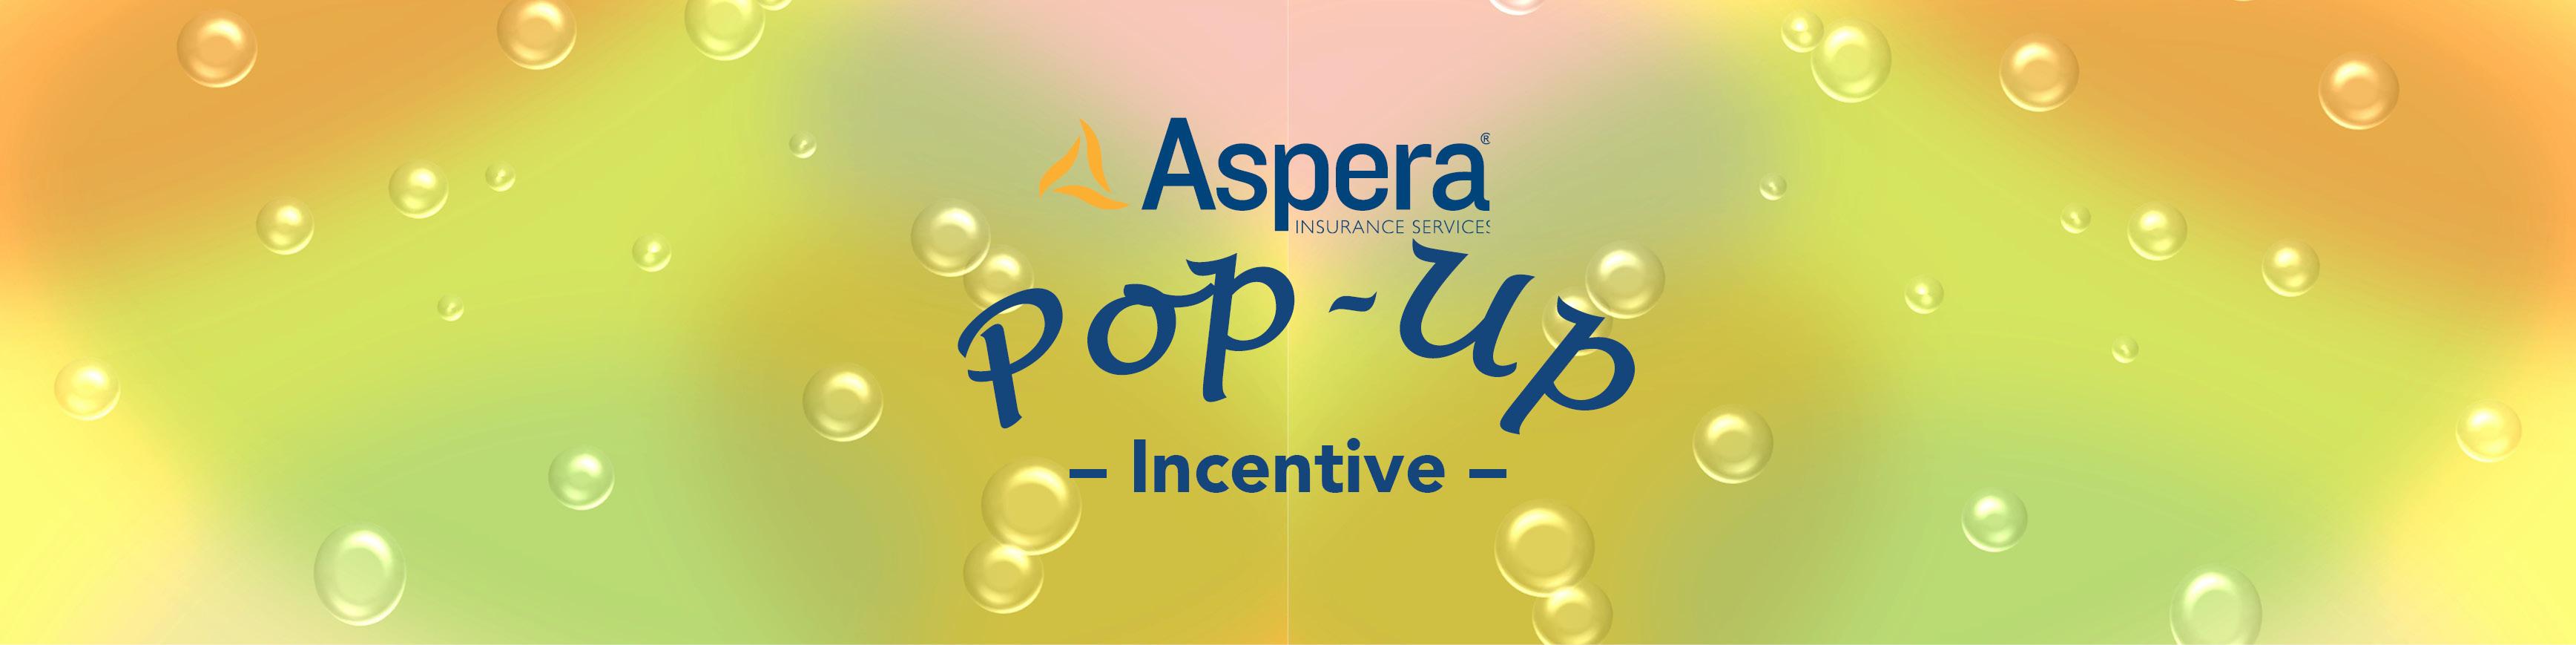 Aspera's Pop-Up Incentive